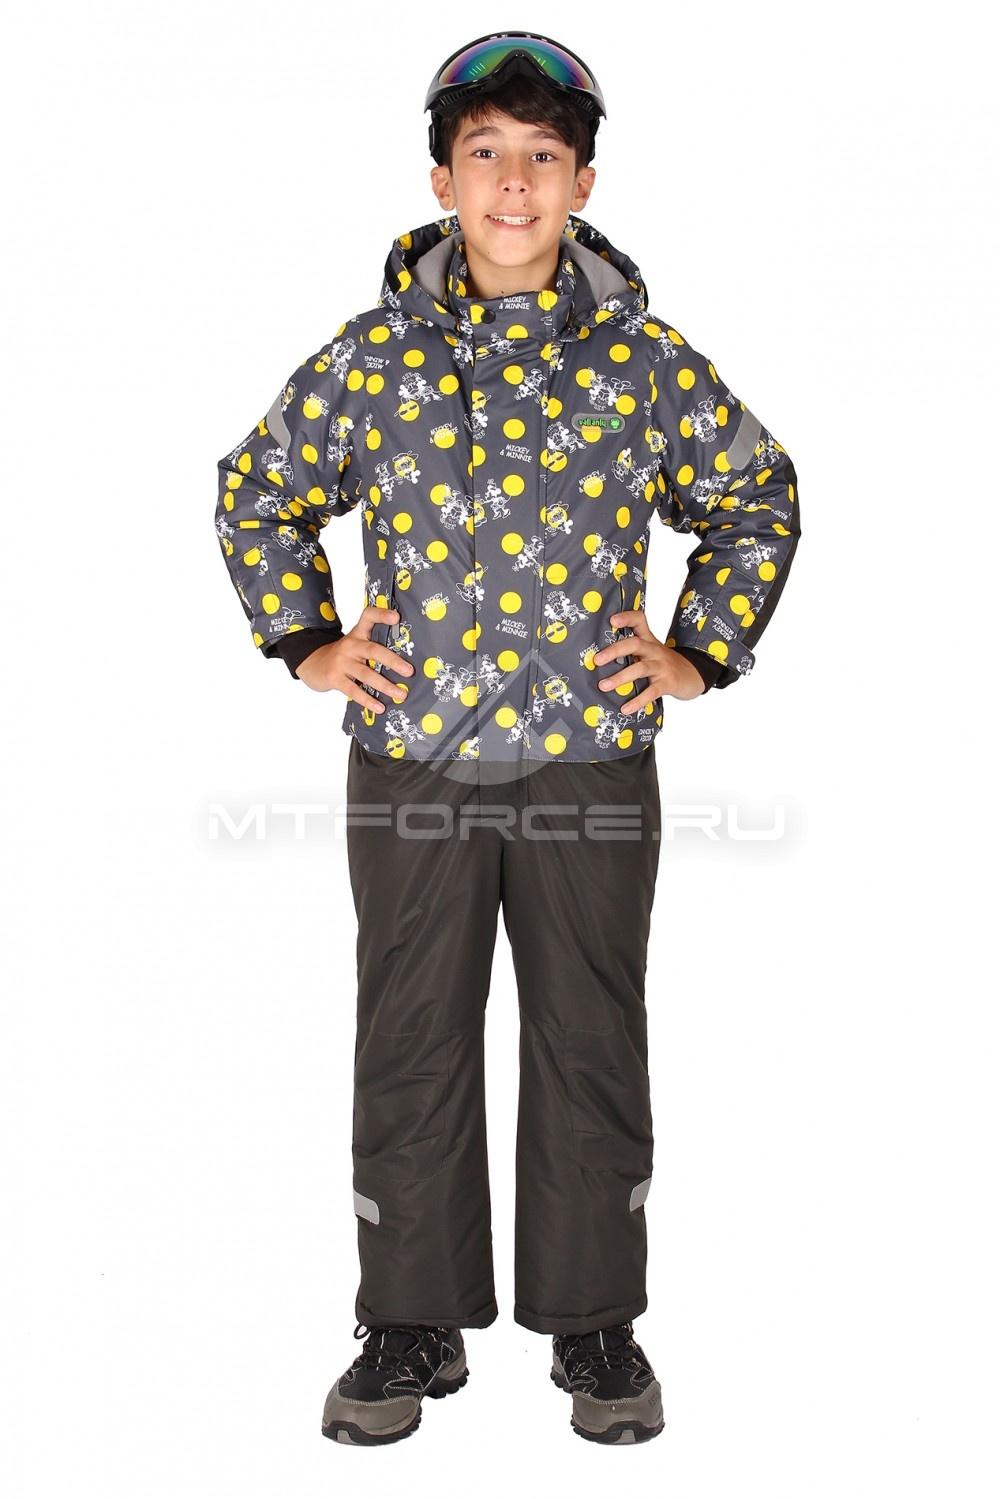 Купить                                  оптом Комбинезон горнолыжный  для мальчика темно-серого  цвета 6108TC в Новосибирске